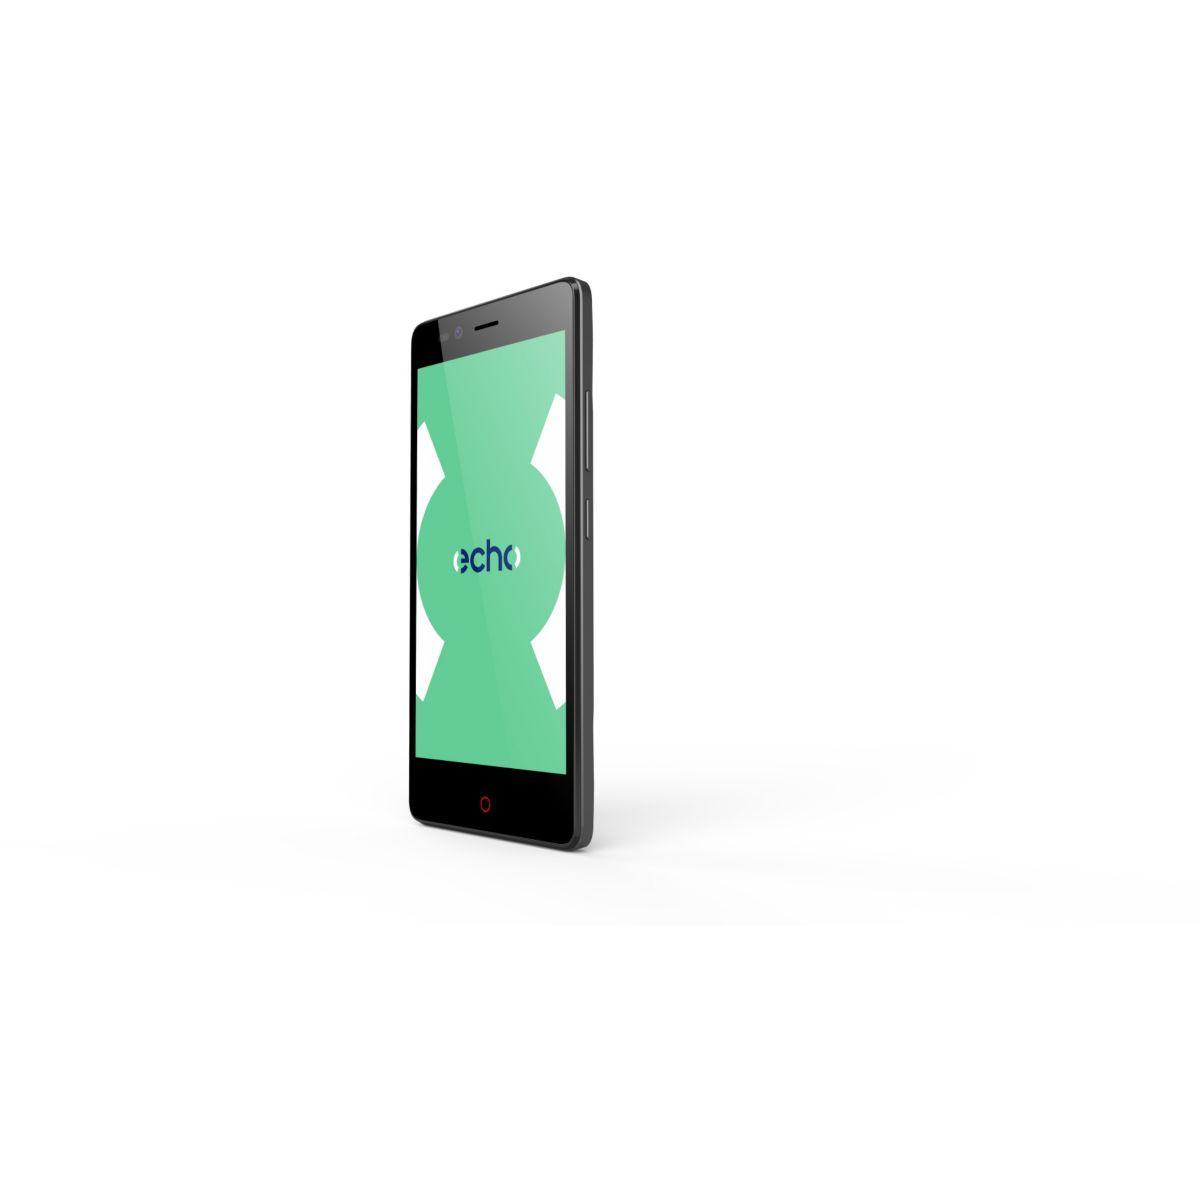 Smartphone echo smart noir - soldes et bonnes affaires à prix imbattables